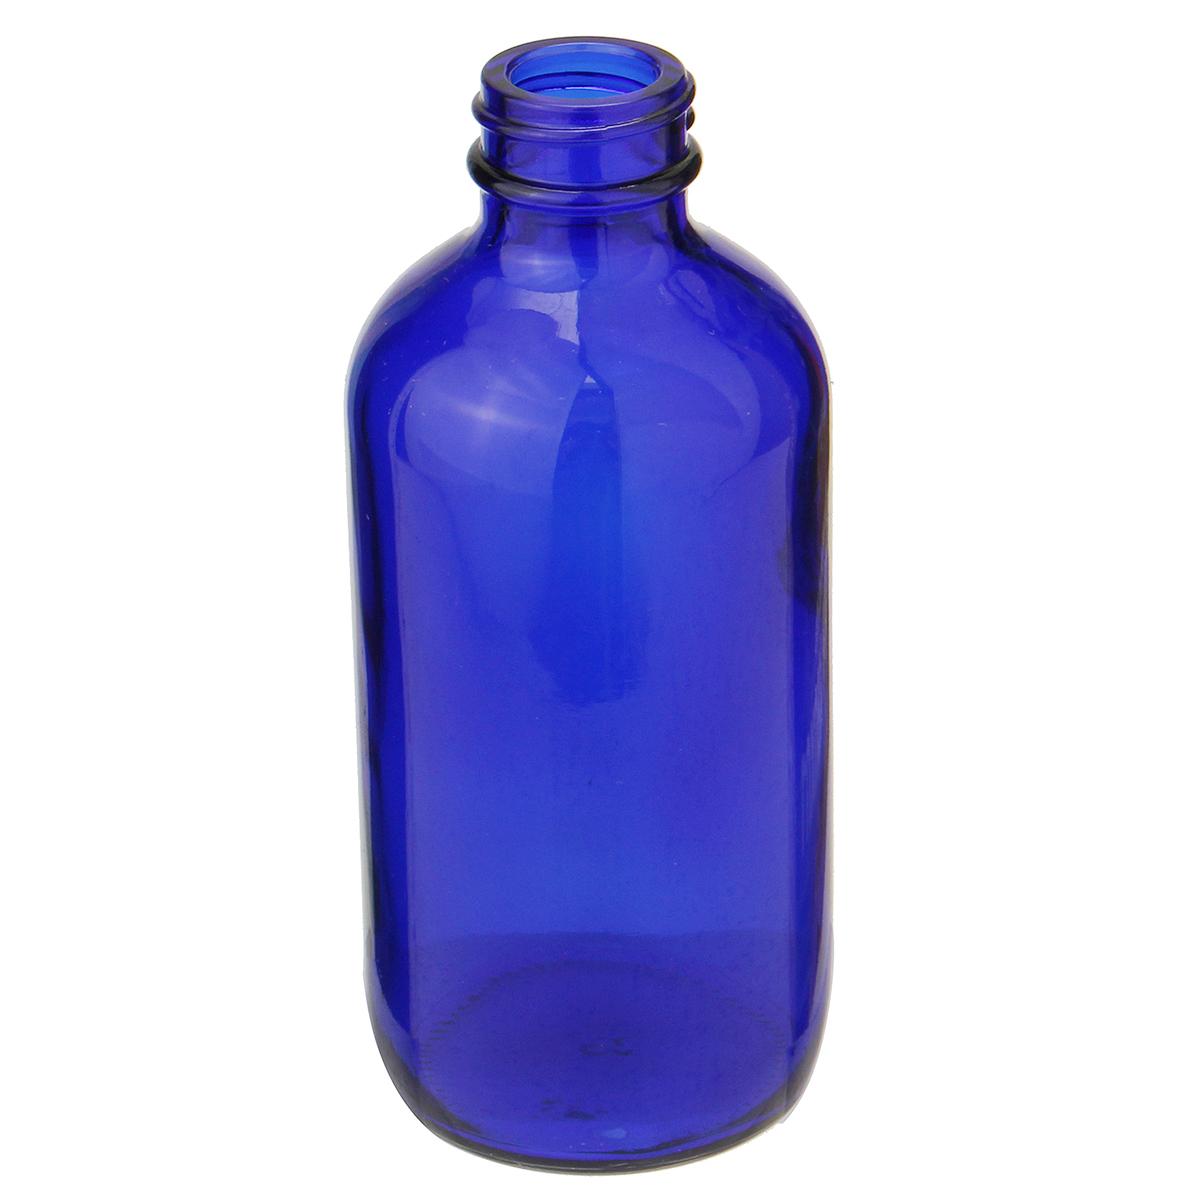 250/500ML Blue Glass Spray Bottles Sprayer Trigger For Aromatherapy Dispenser